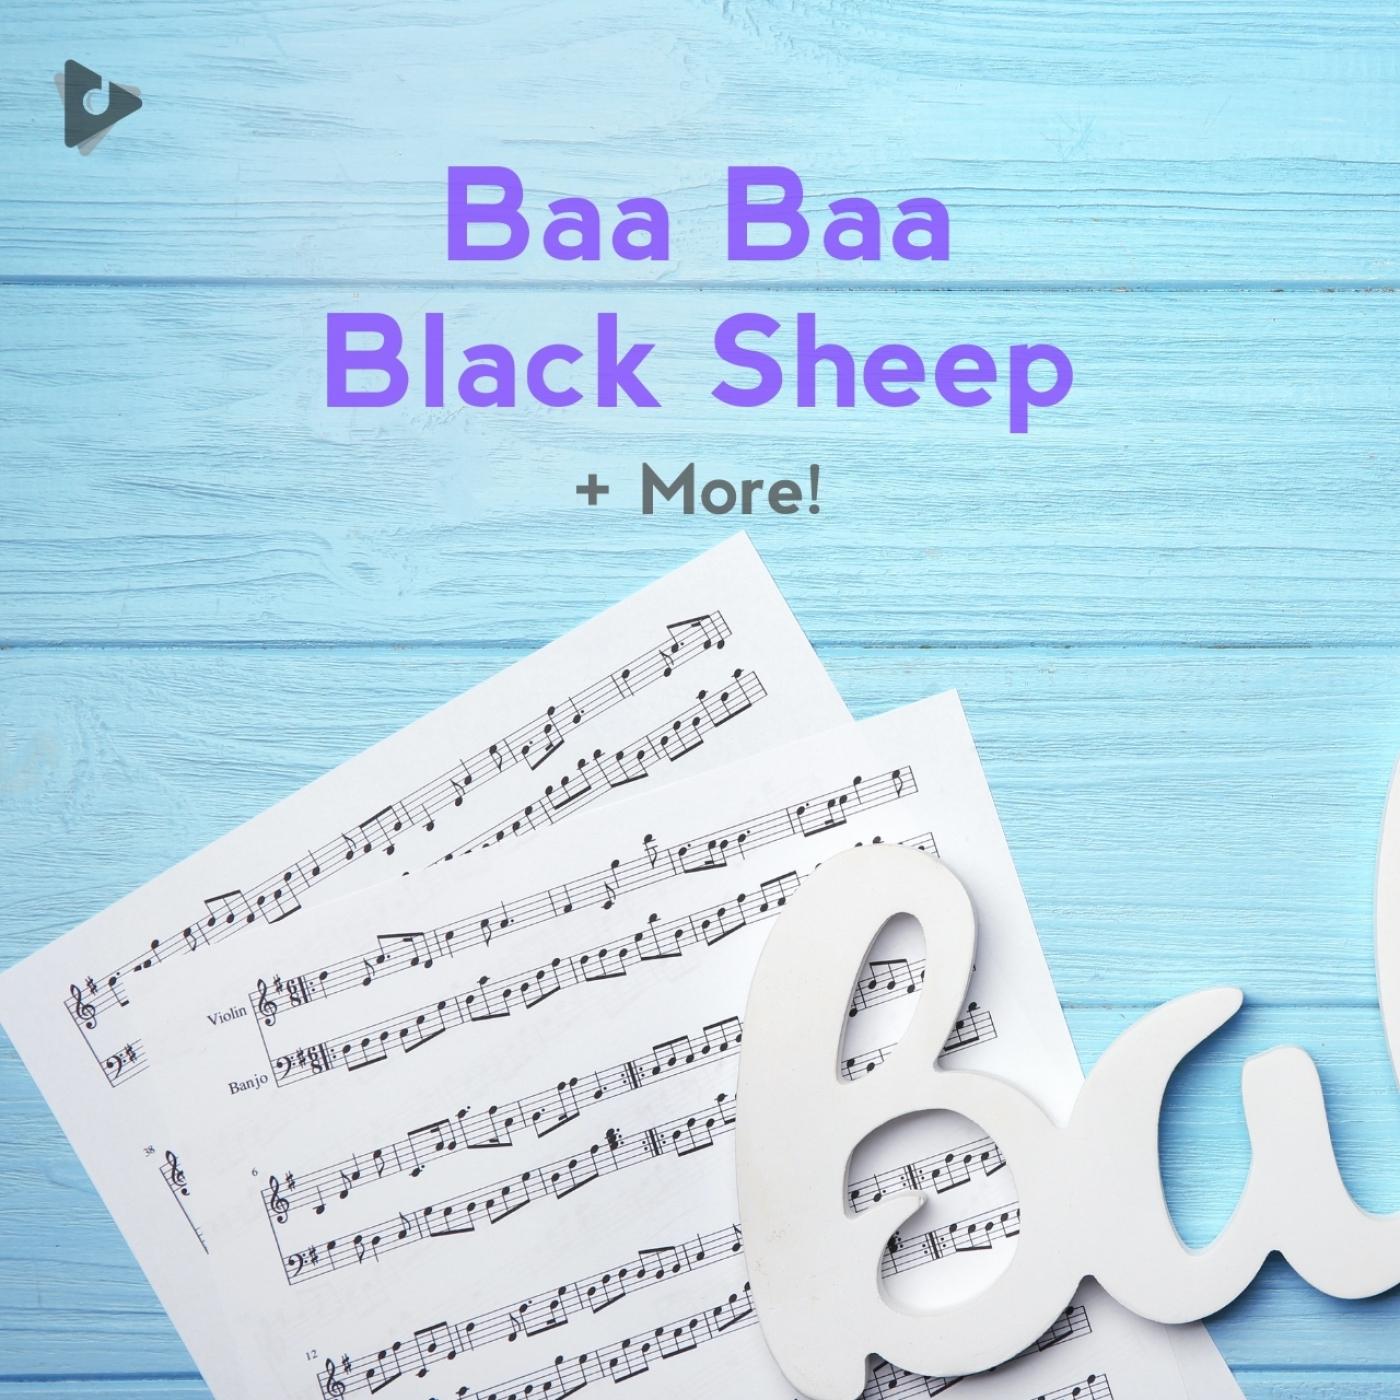 Baa Baa Black Sheep + More!